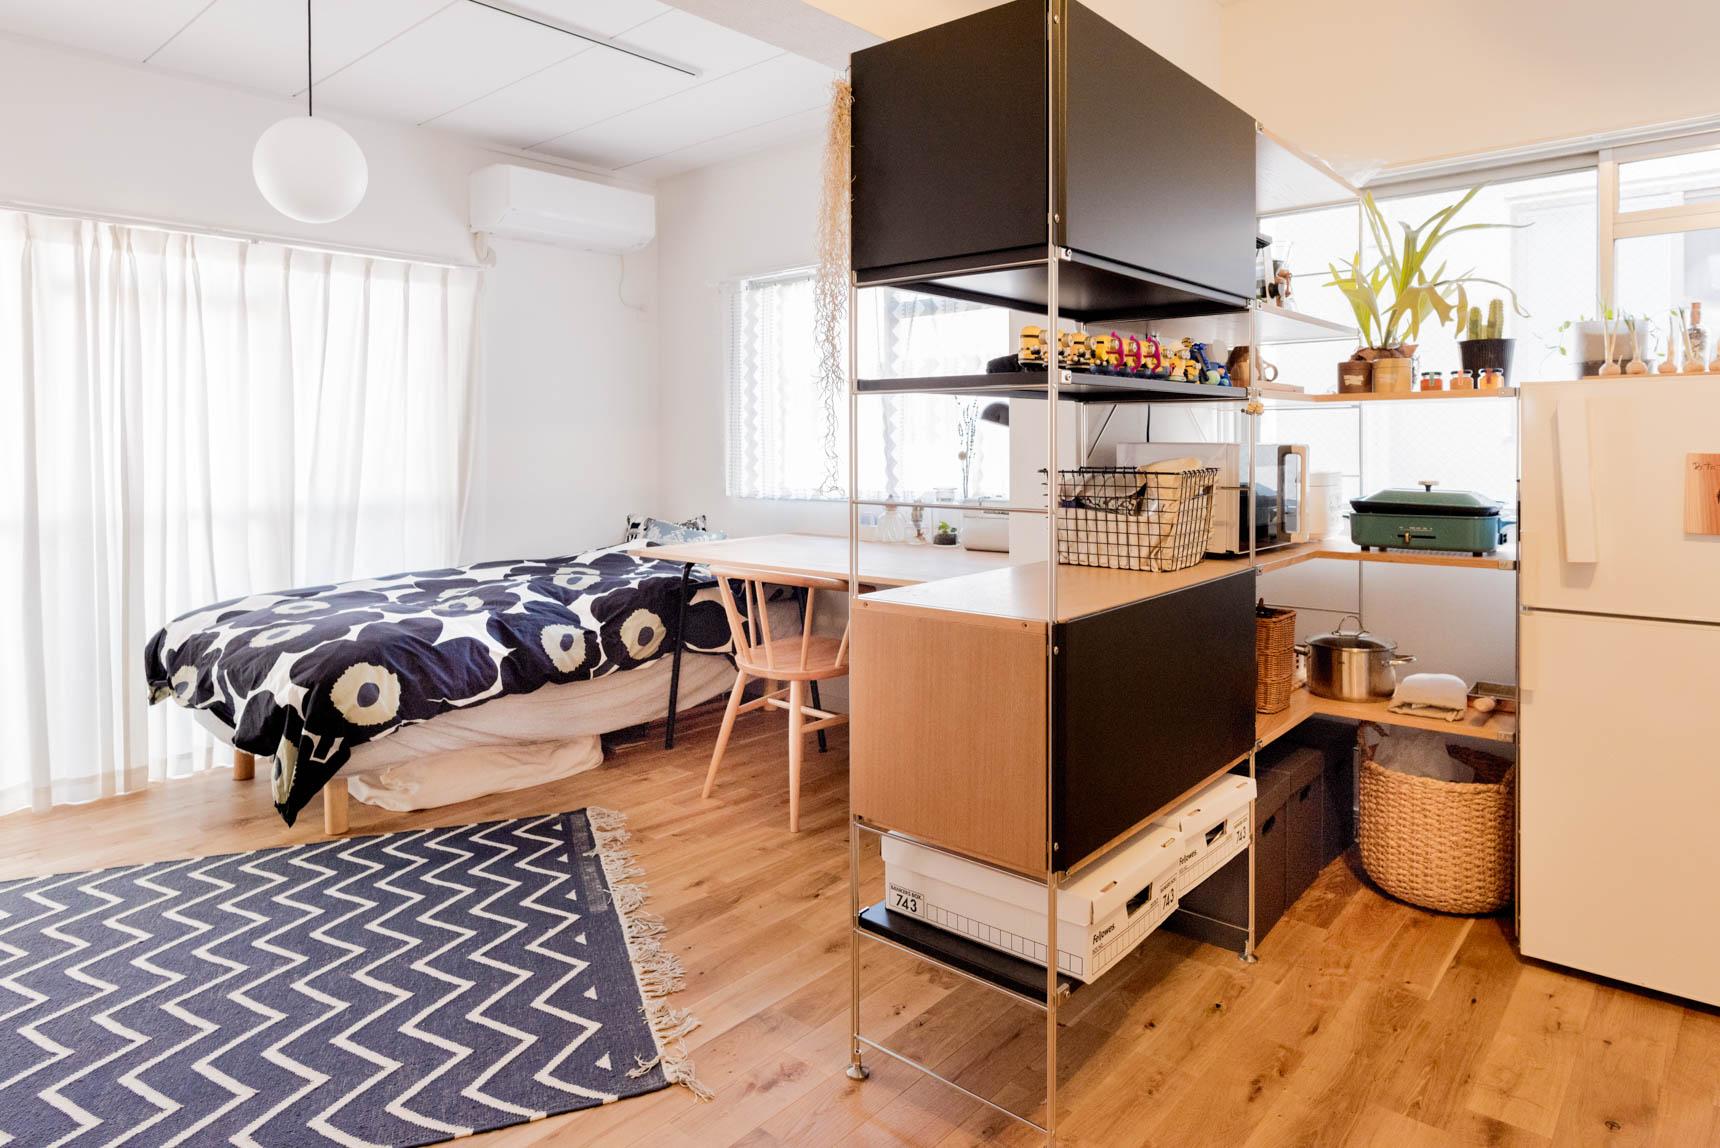 棚によって魅力的に仕切られたキッチンと居室。玄関からベッドは直線上にあるのだが、うまく仕切られている。それでいて完全に分断してはいない。とても巧みな仕切りだ。